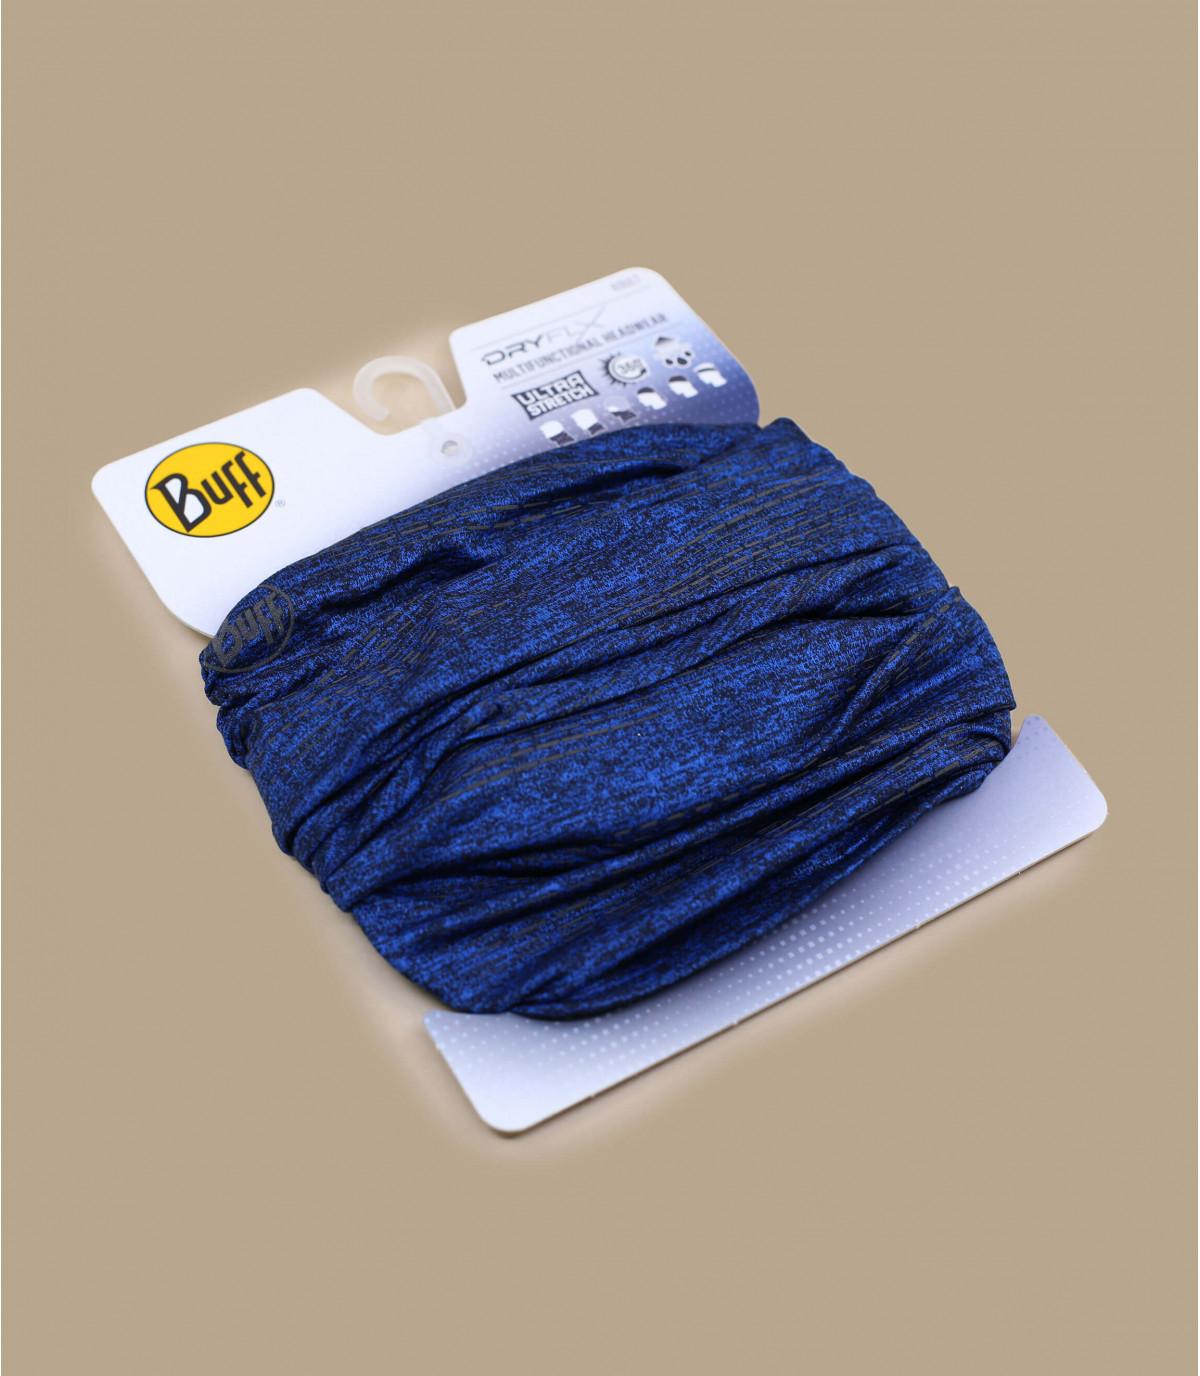 Détails Dryflx blue - image 2